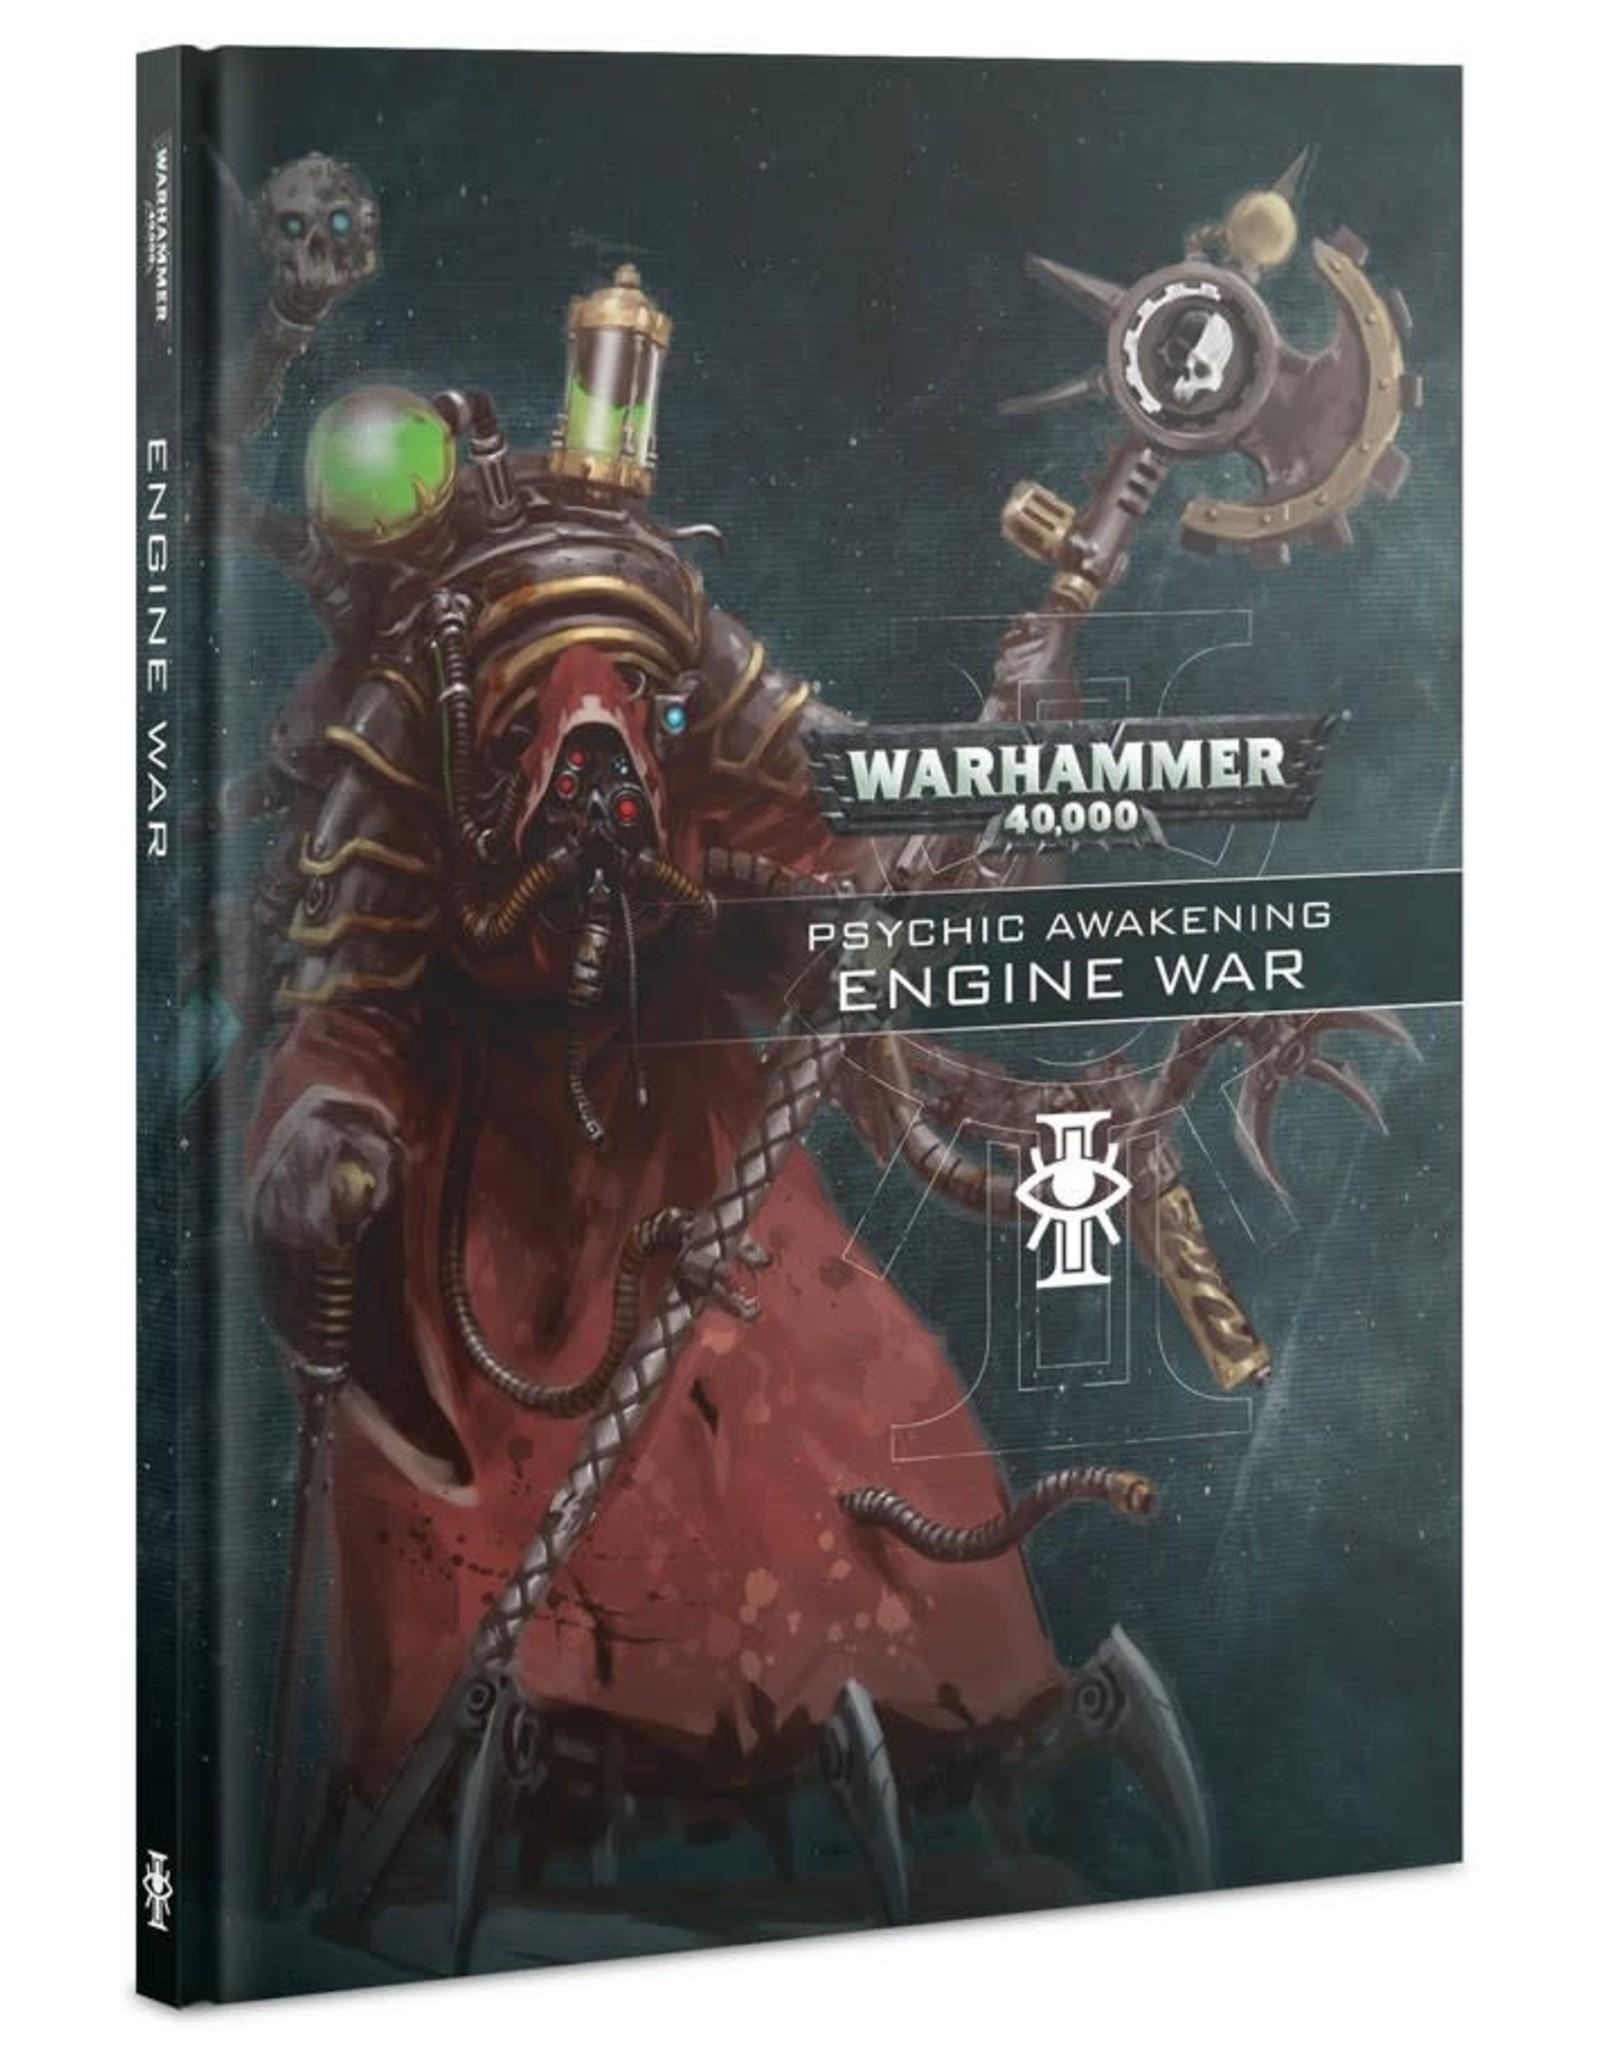 Games Workshop Warhammer 40K: Psychic Awakening Engine War